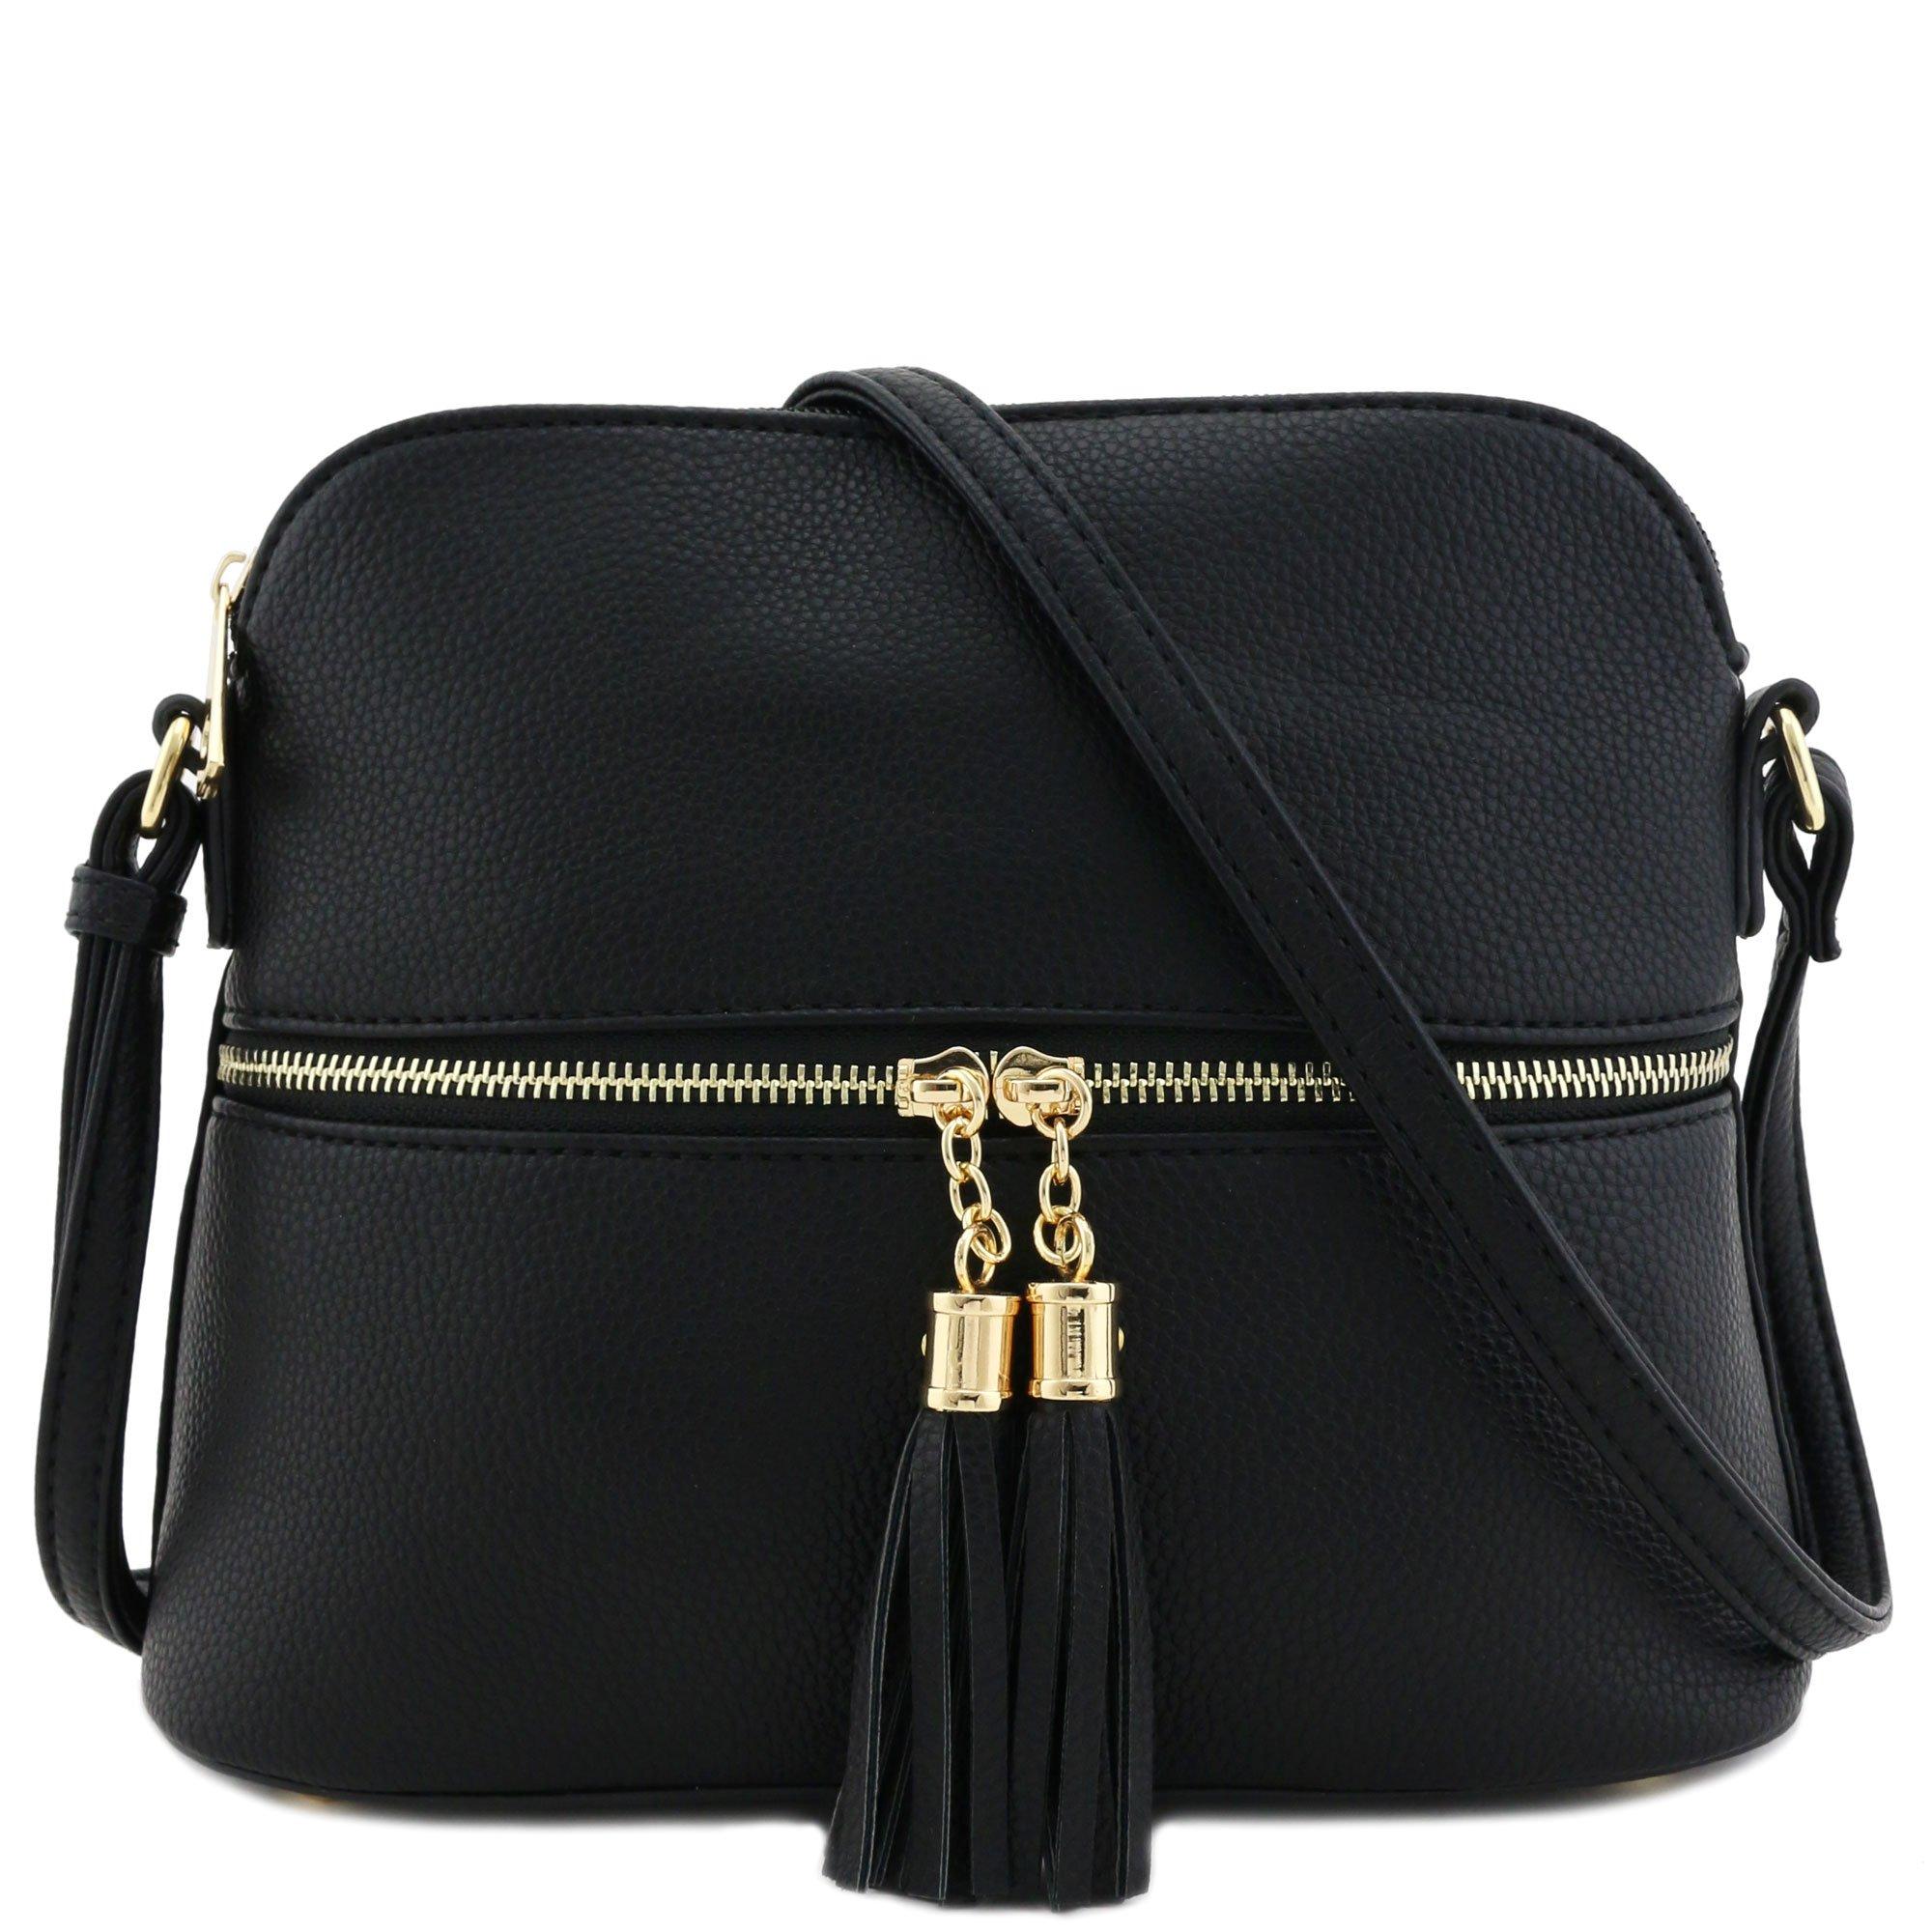 Tassel Zipper Pocket Crossbody Bag Black